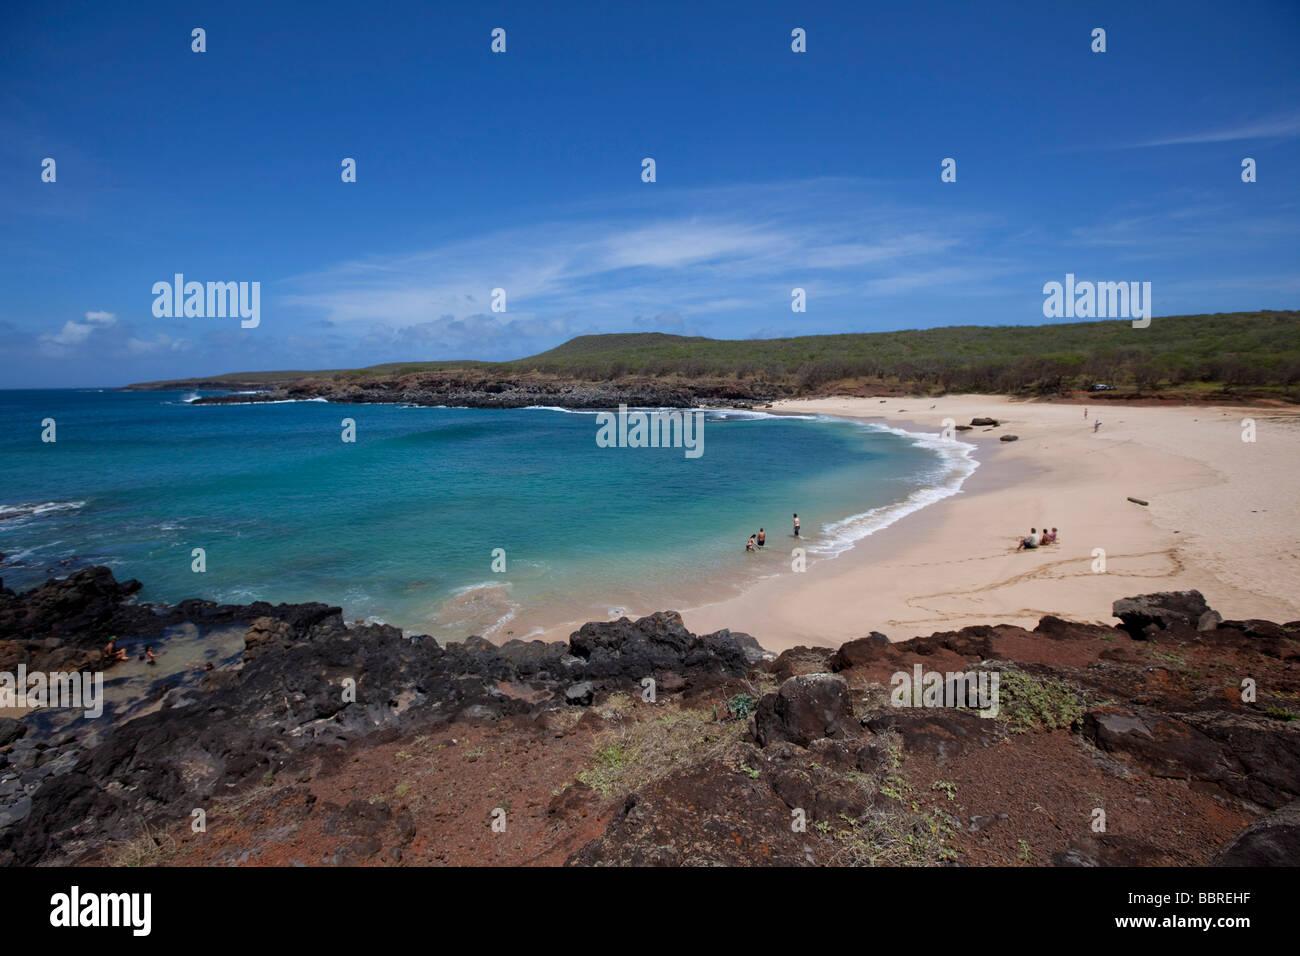 Kawakui Bay Molokai Hawaii Strand Strände Stockbild